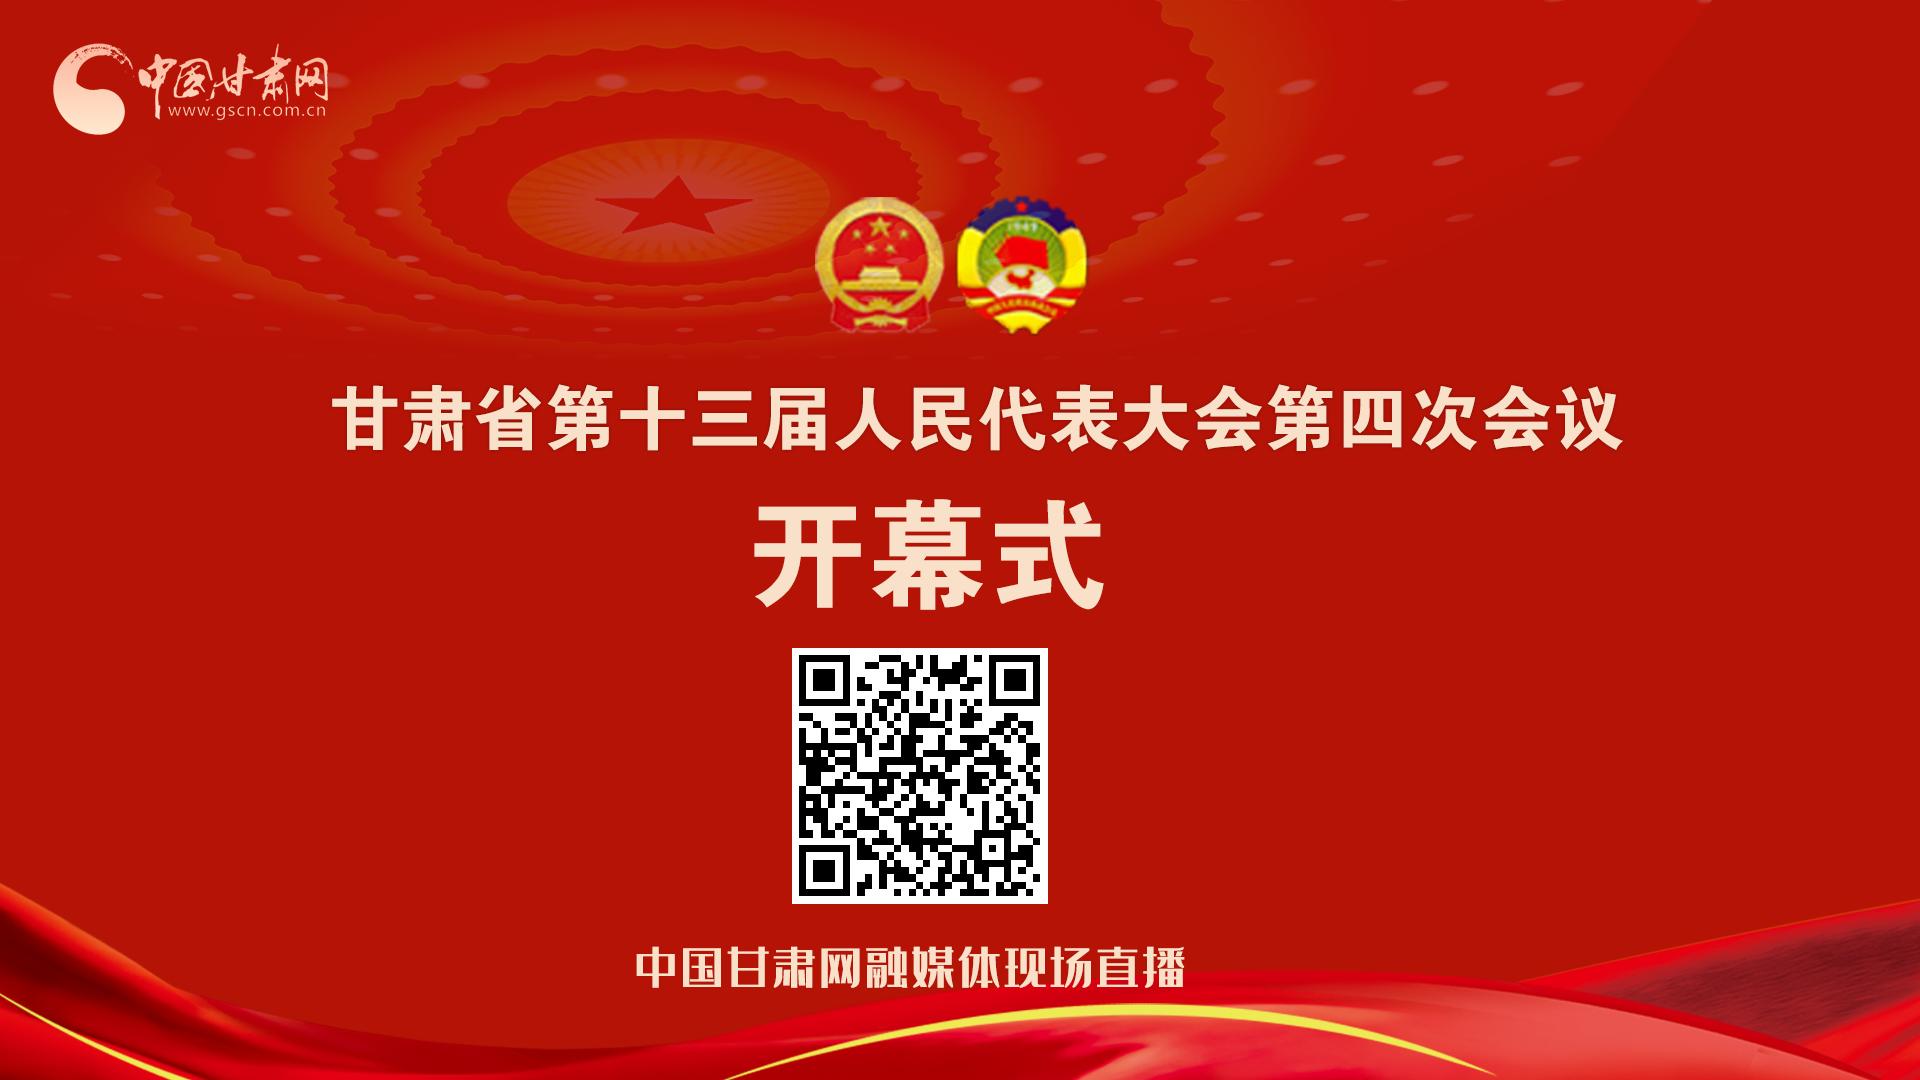 【中国甘肃网-现场直播】甘肃省第十三届人民代表大会第四次会议